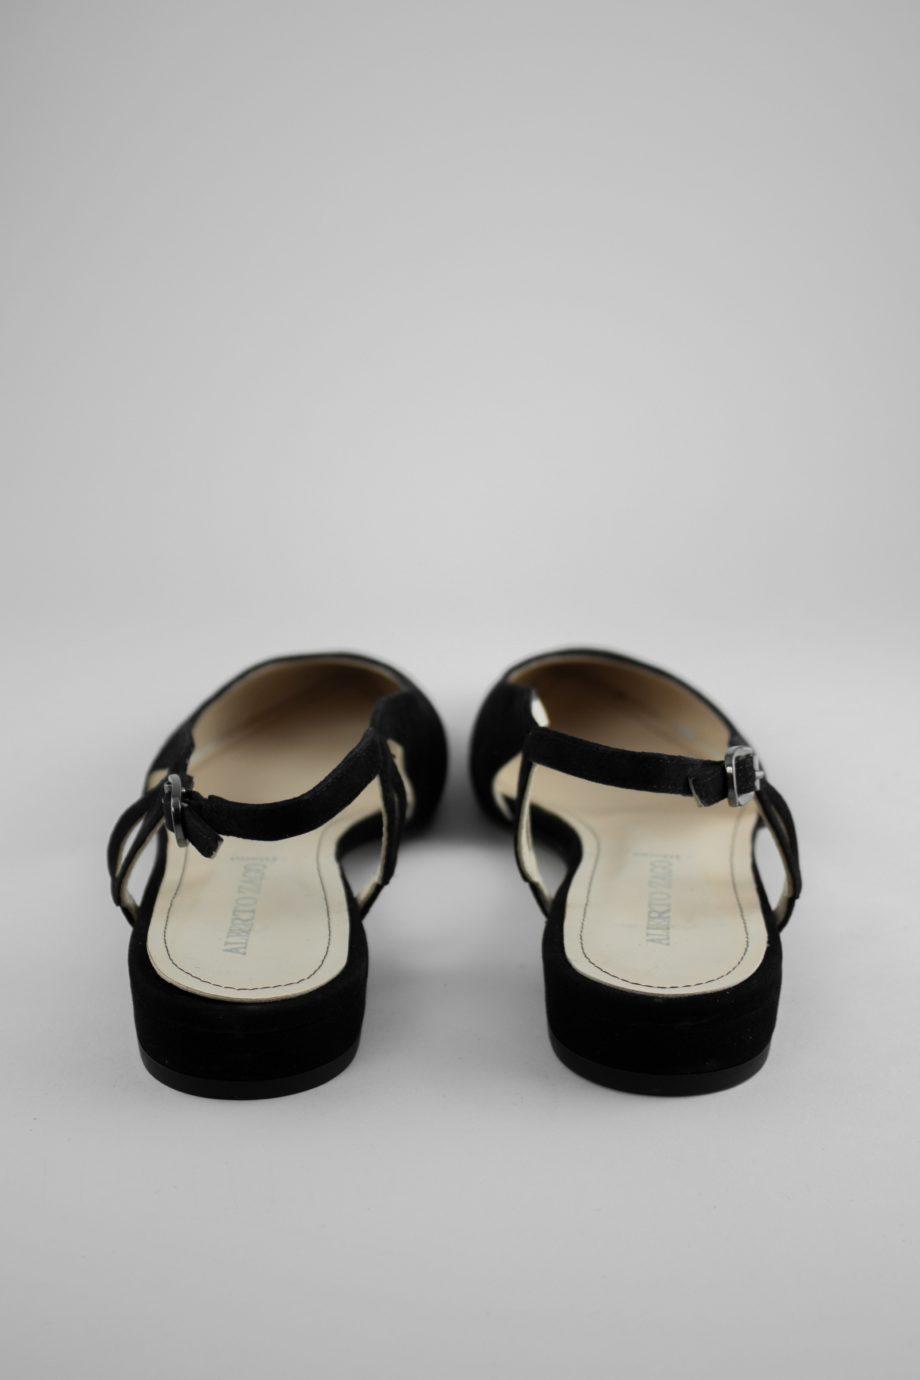 6. ALBETO ZAGO Black slingback